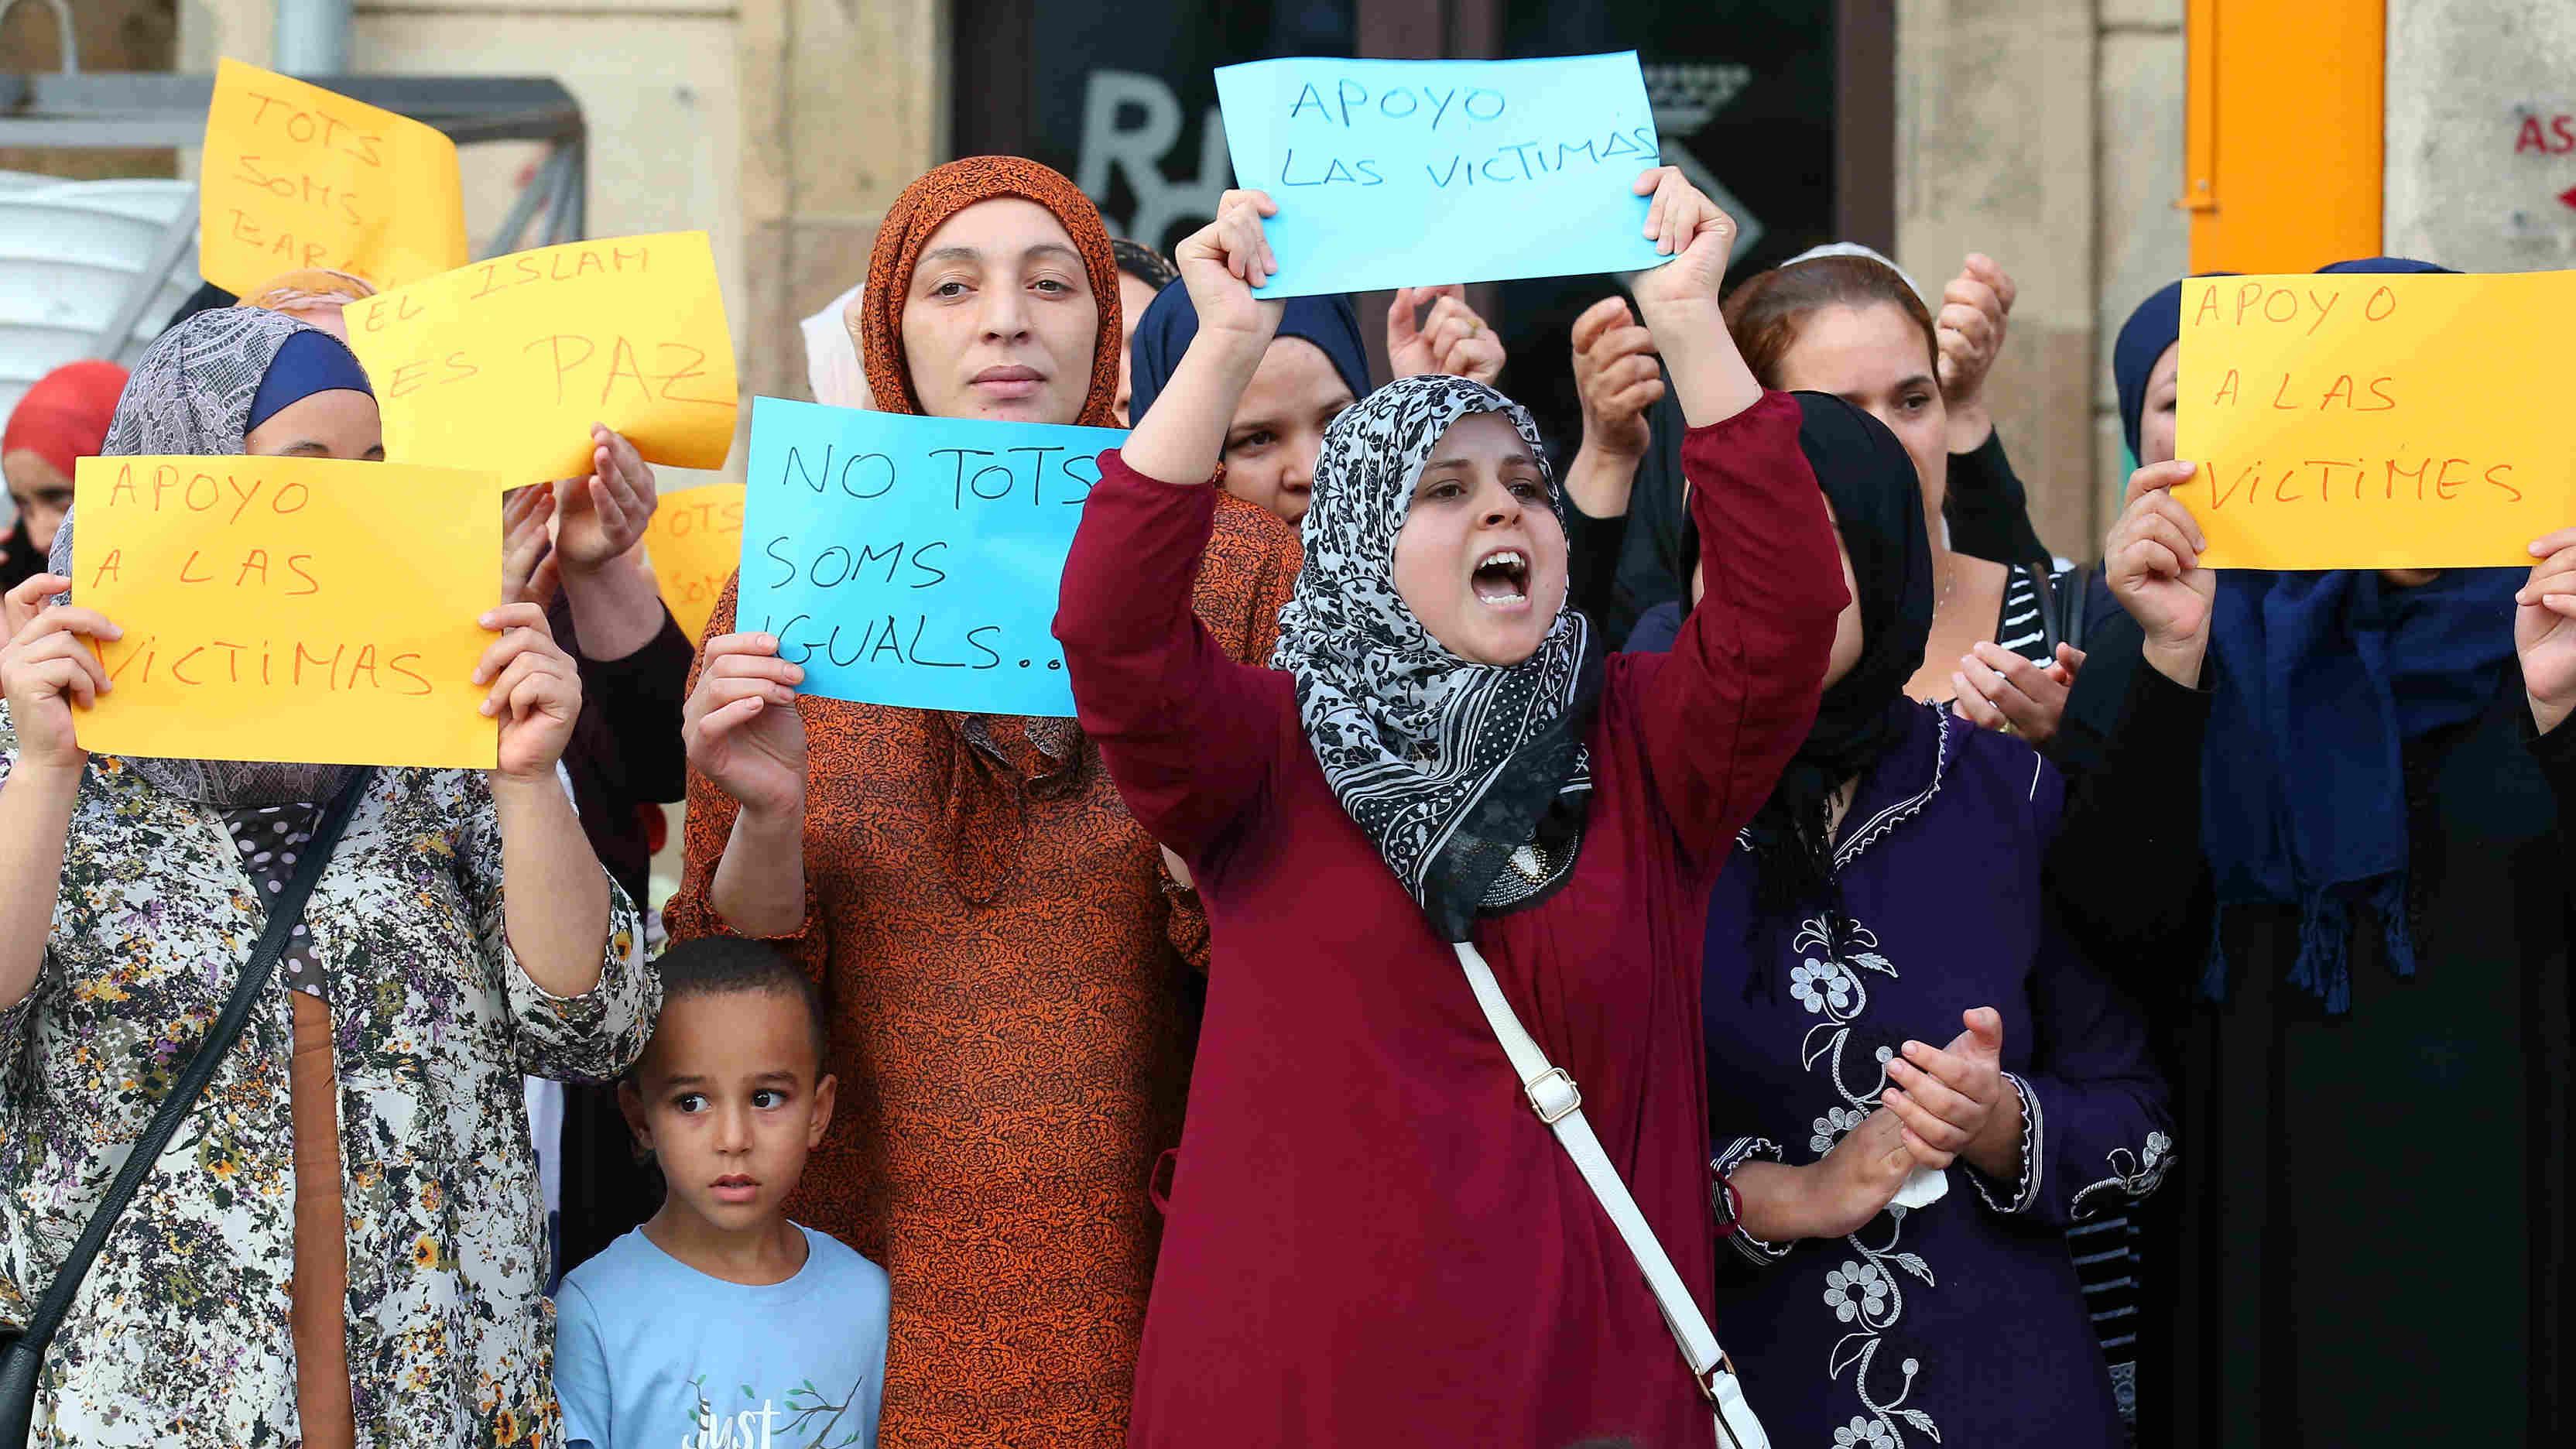 El imán de Ripoll estuvo tres meses en la cuna belga del yihadismo (ES)